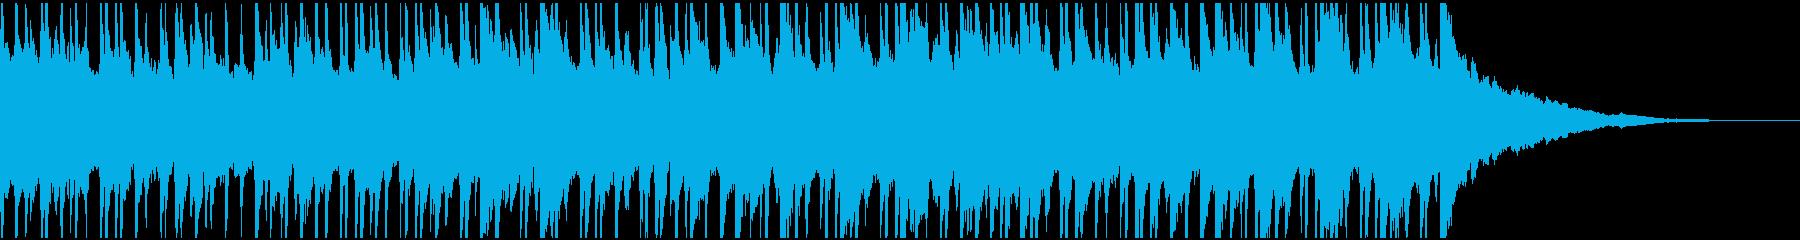 ウクレレ、ピアノの楽しい楽曲60秒Bの再生済みの波形